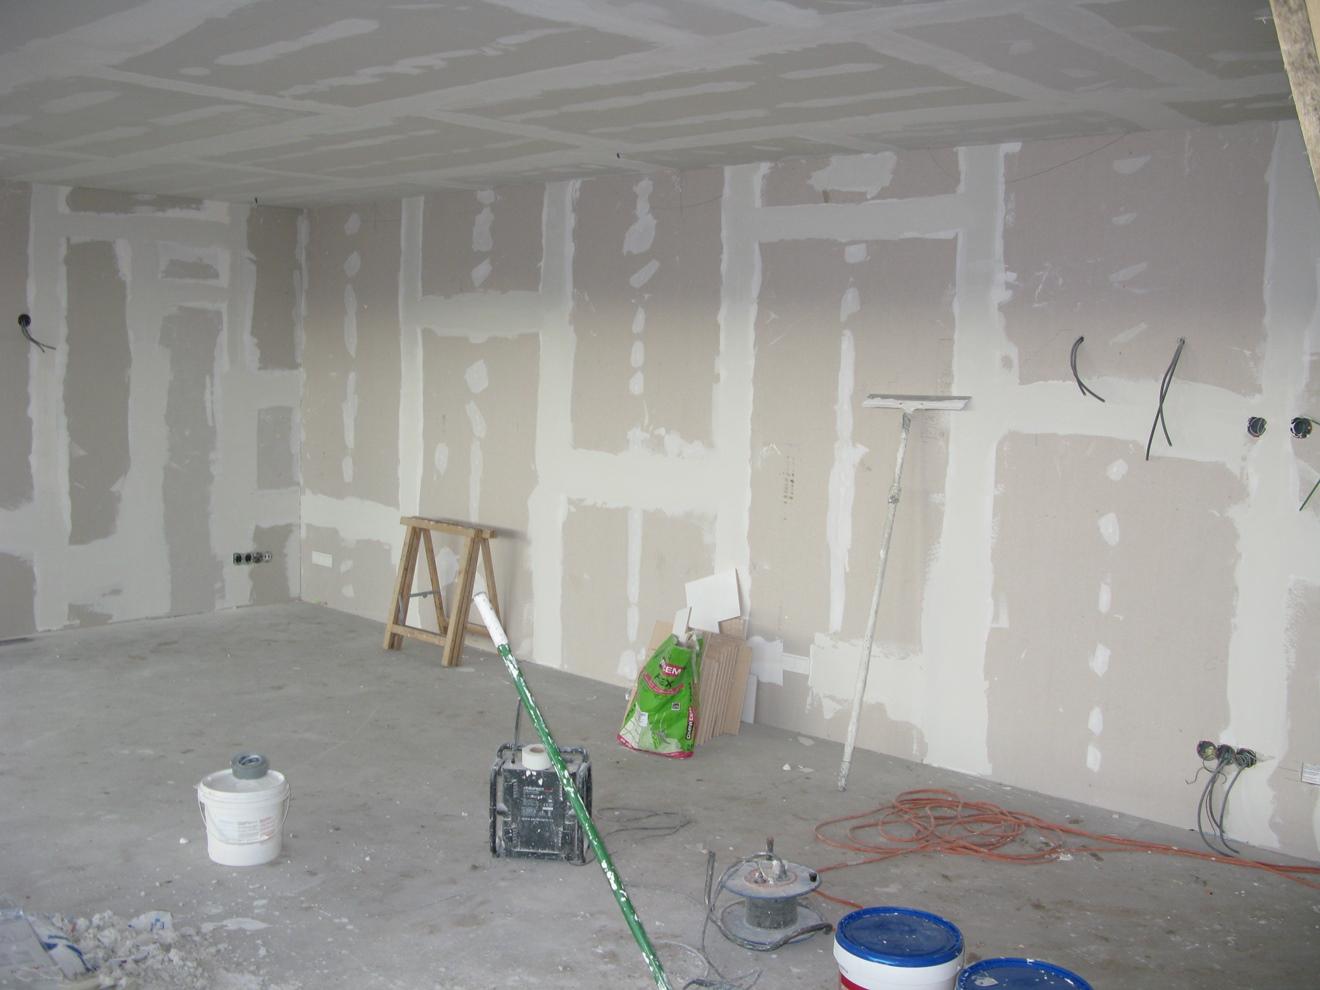 Ons nieuwe huis is energieneutraal december 2012 - Ingang huis idee ...